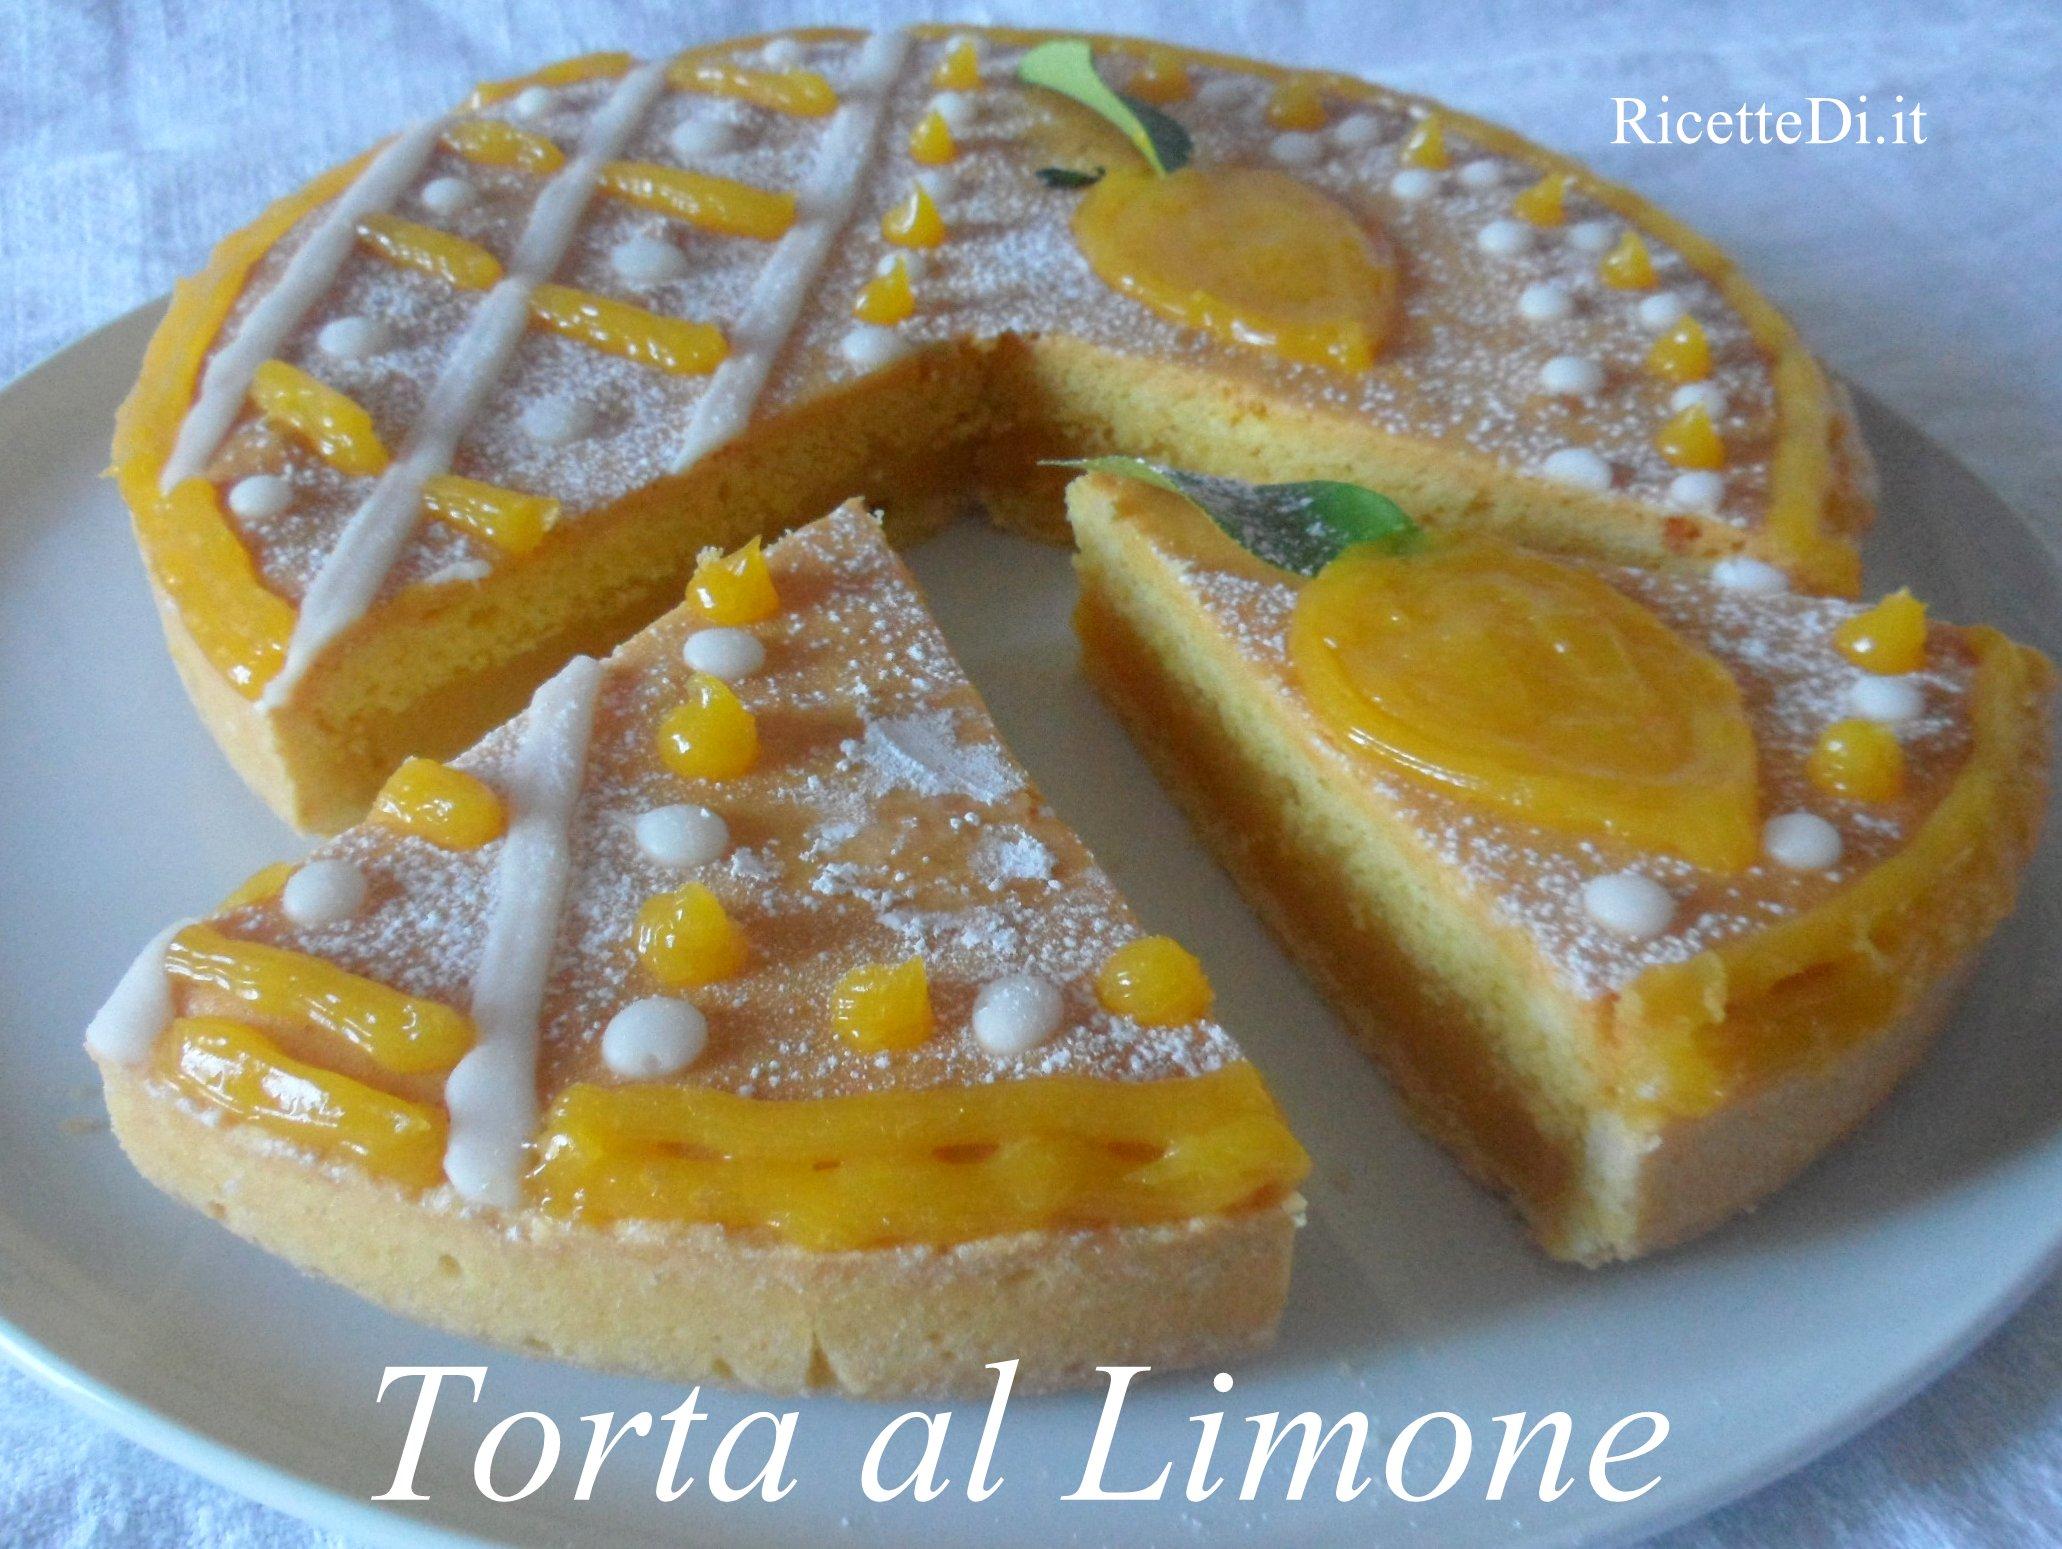 Ricette di torte con crema al limone